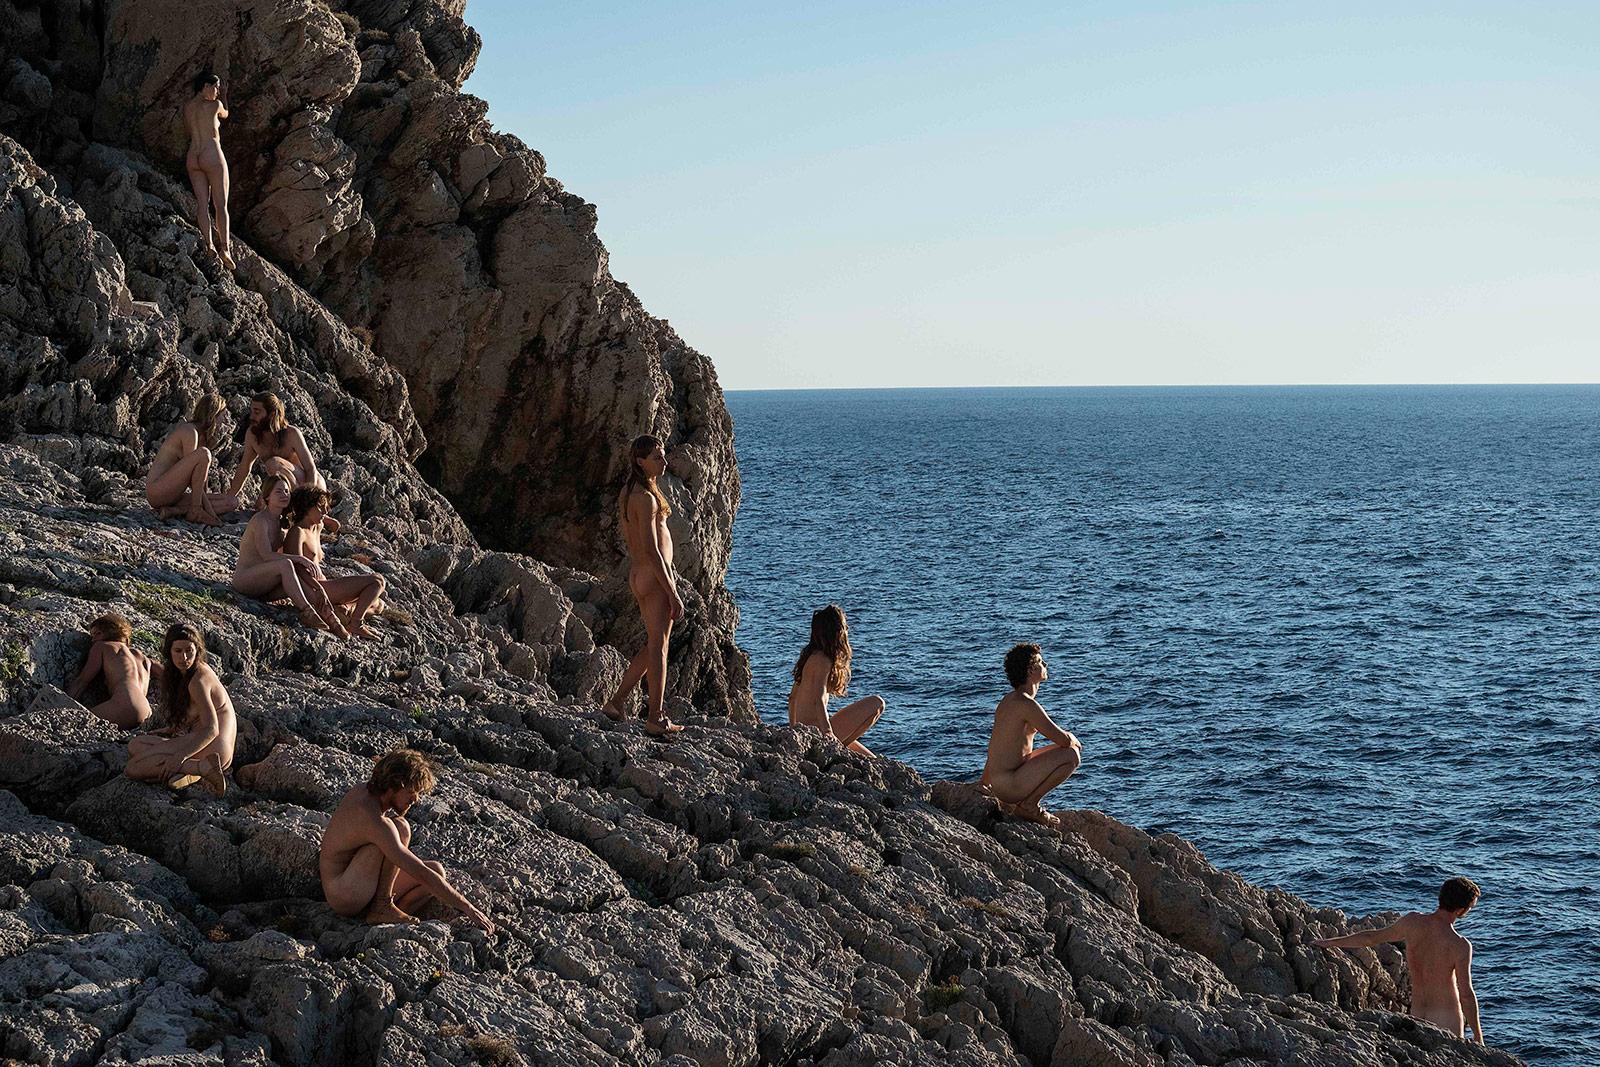 Capri revolution picture by mario spada 11649